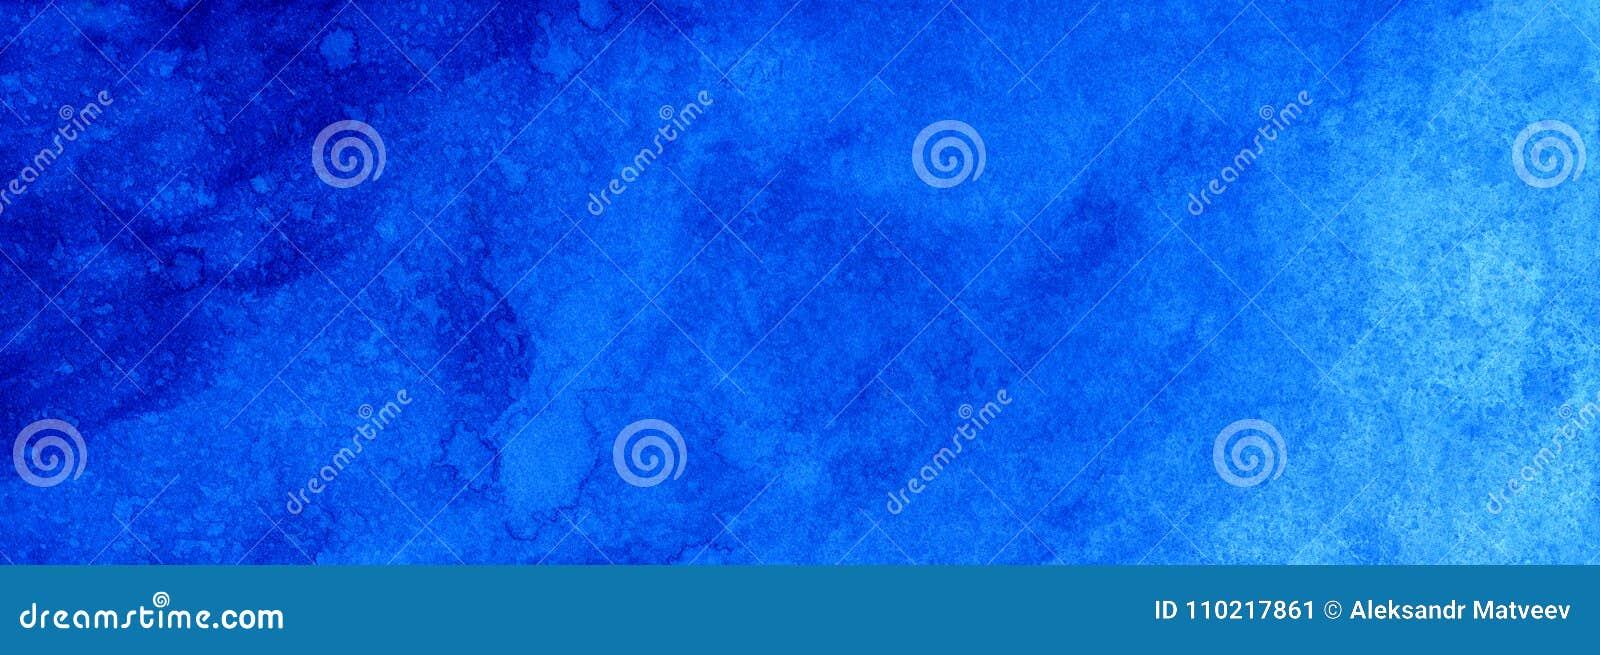 Sieć sztandaru marynarki wojennej lub żołnierza piechoty morskiej błękita akwareli pełni gradientowy tło Watercolour plamy Abstra